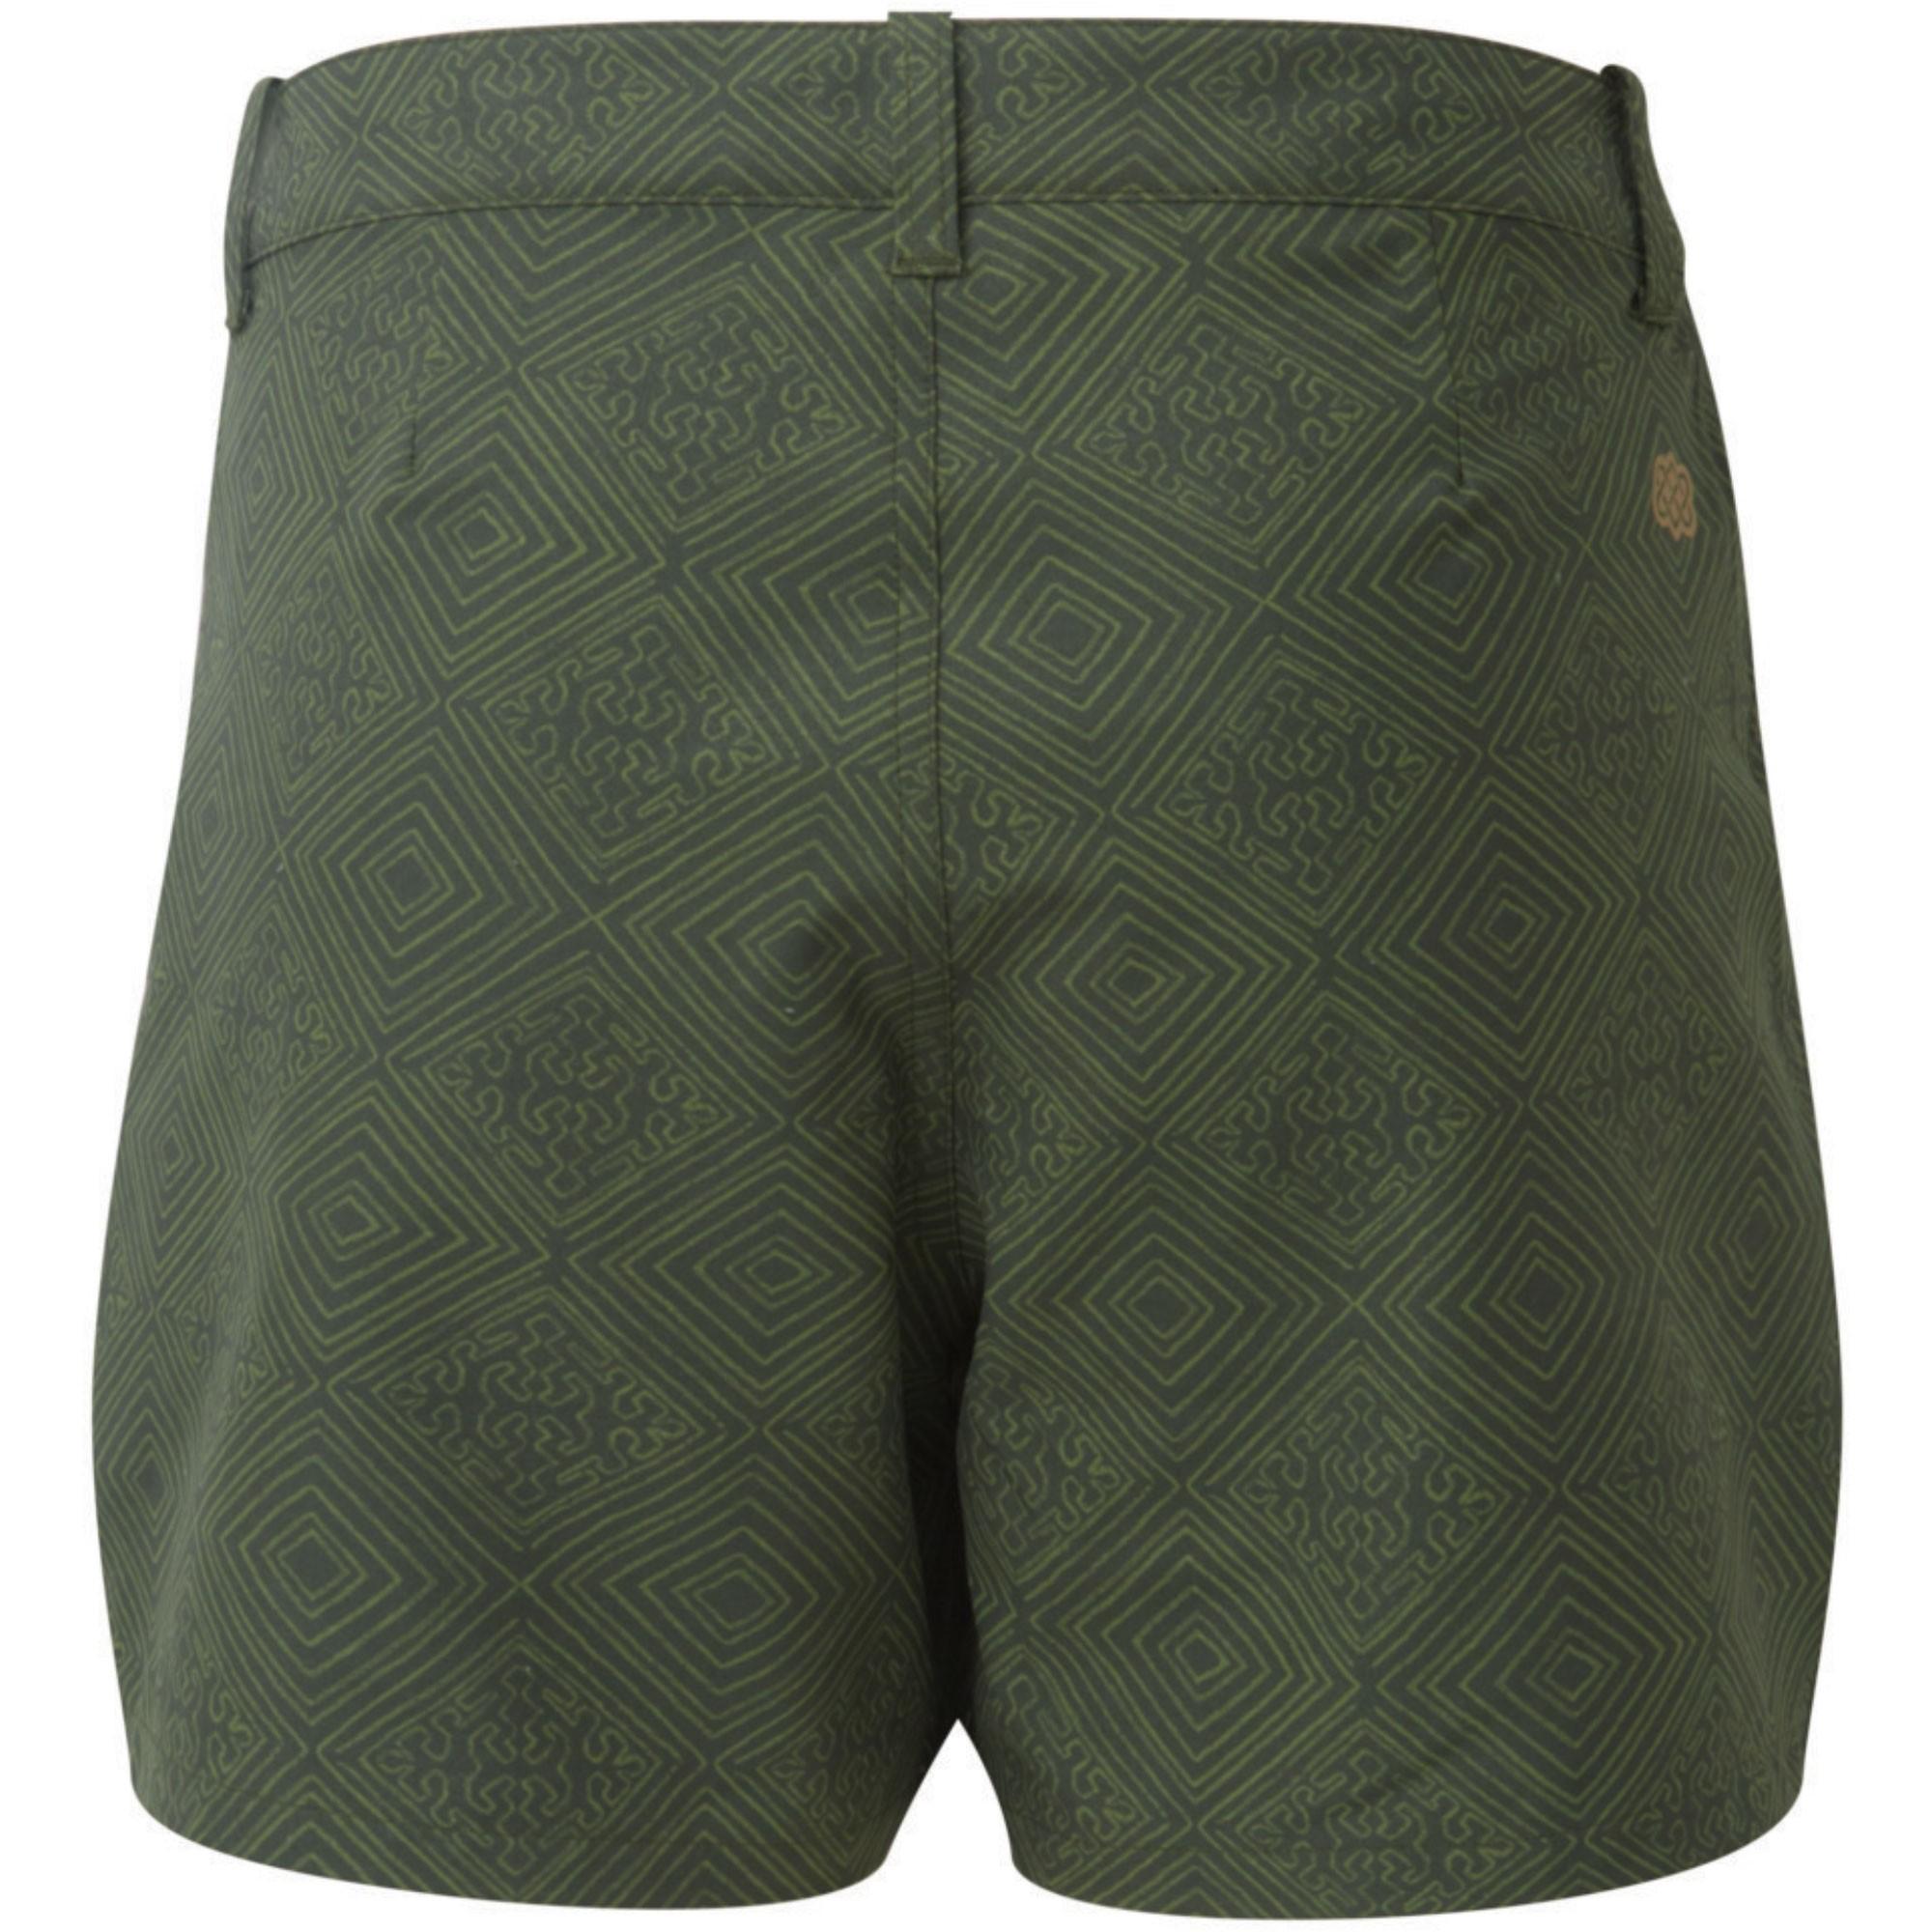 Sherpa Jatra Shorts - Mewa Green